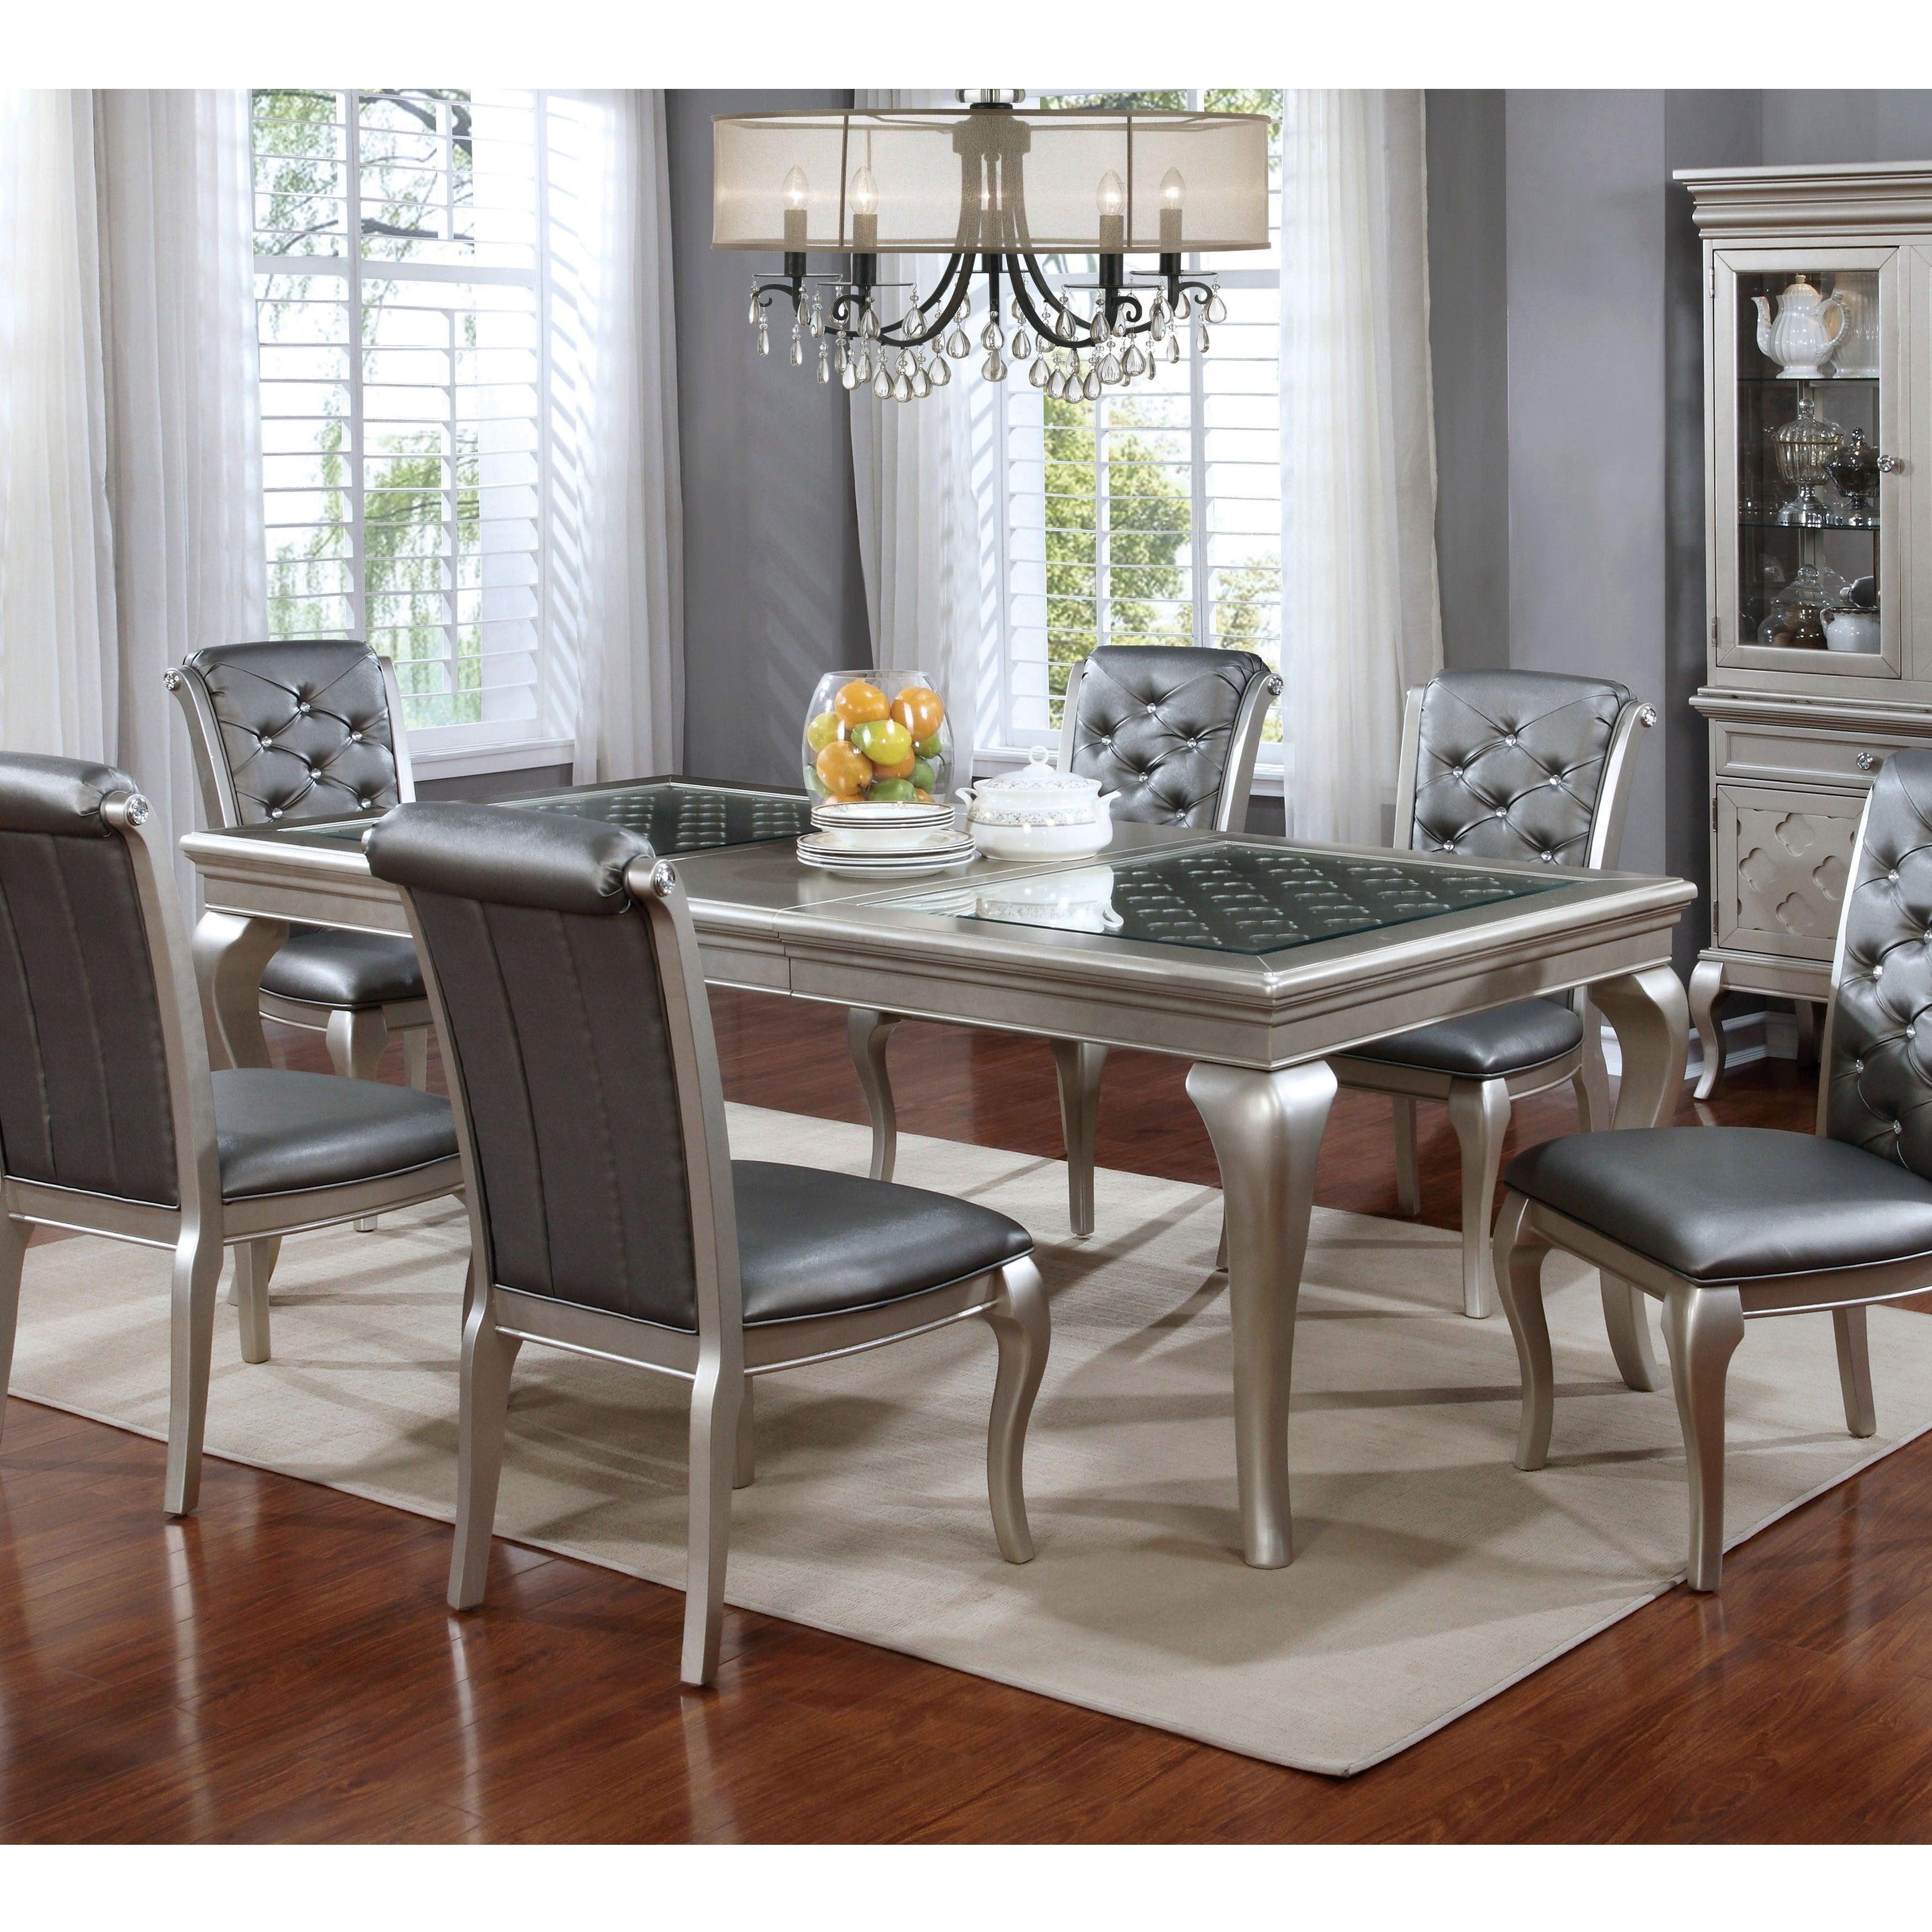 Furniture of America Mora Contemporary Champagne 66